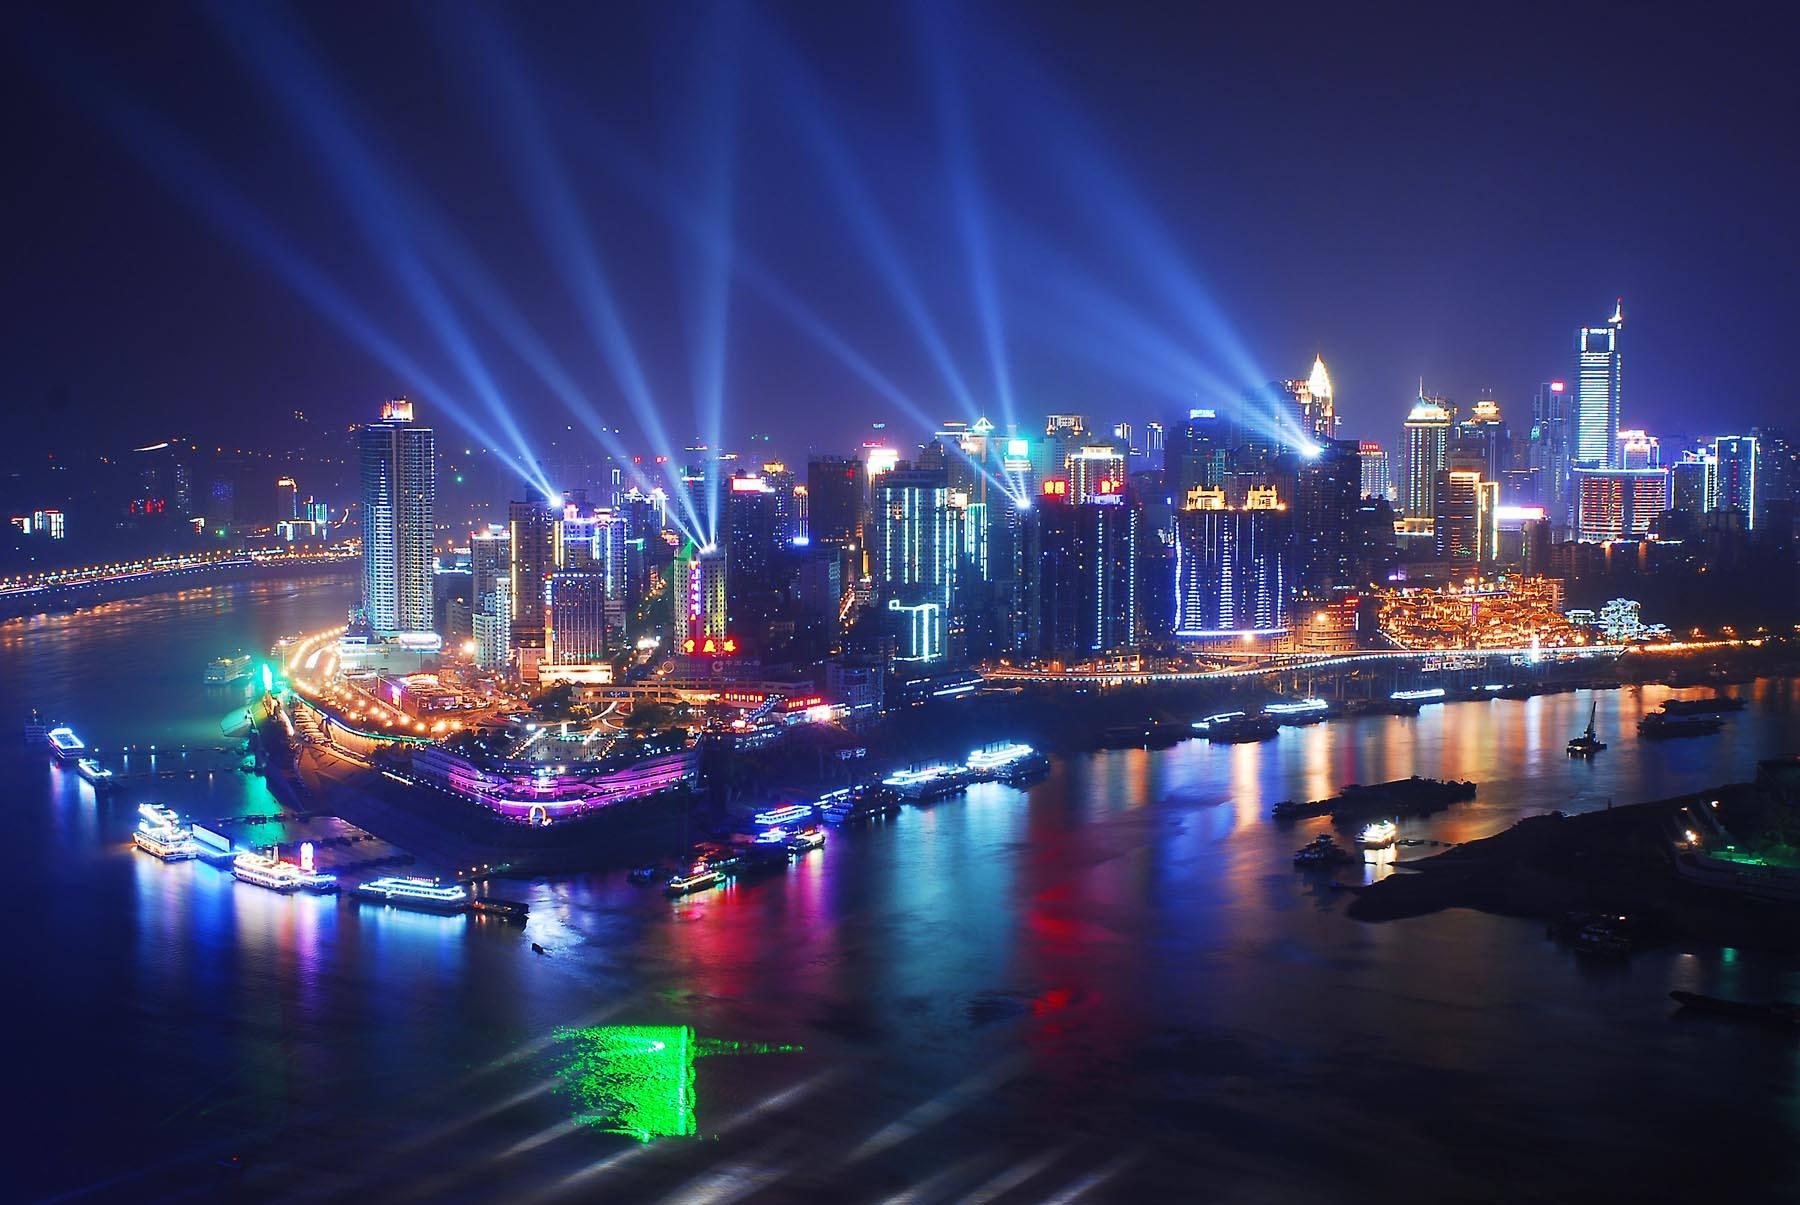 重庆工商行政管理网_重庆优化营商环境 投资审批将全部上网且限时完成_重庆频道_凤凰网